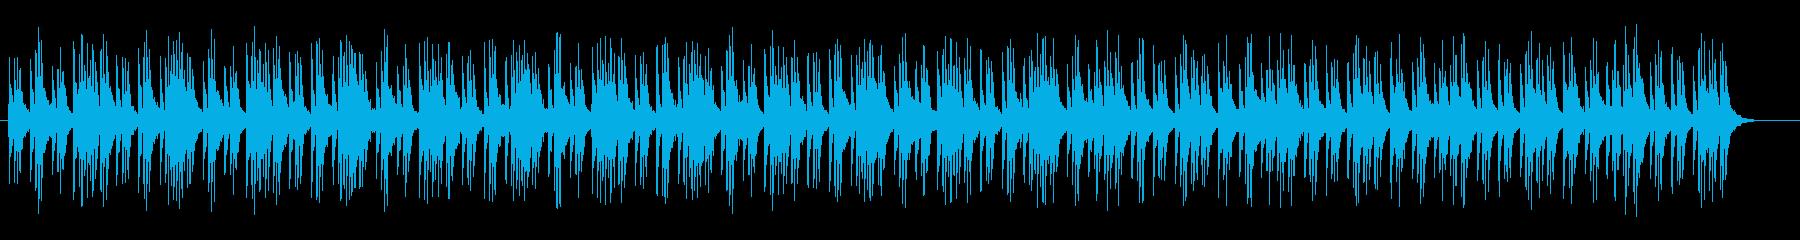 緊張感のある打楽器サウンドの再生済みの波形